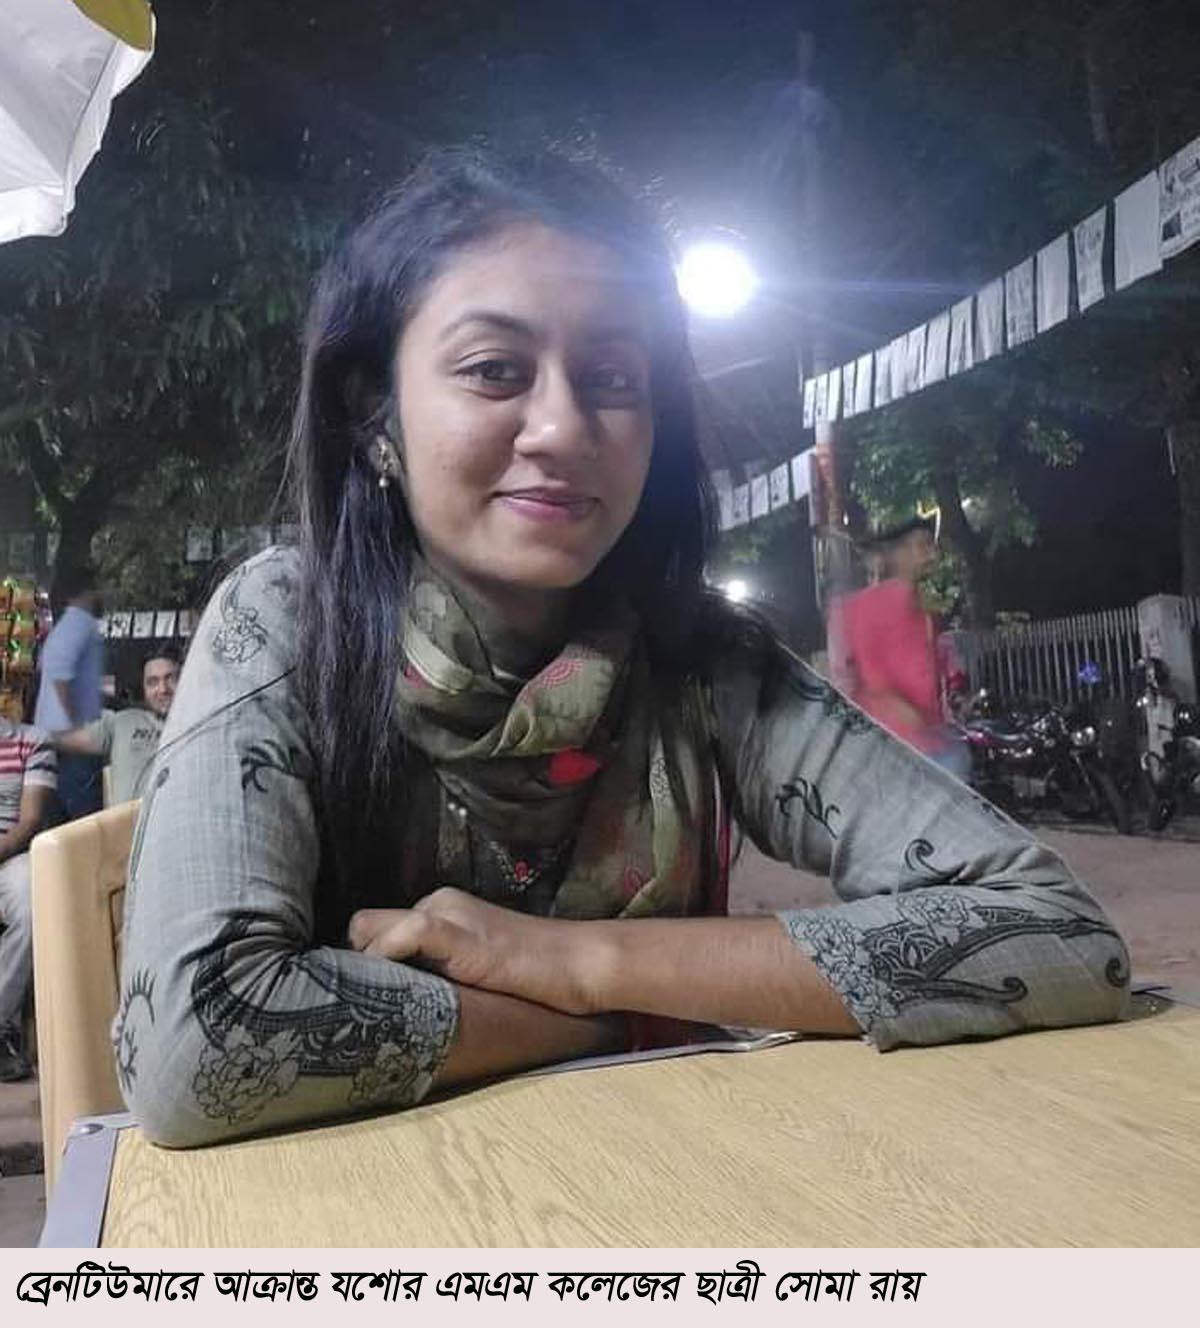 যশোর এমএম কলেজের মাস্টার্সের ছাত্রী সোমা রায় বাঁচতে চায়